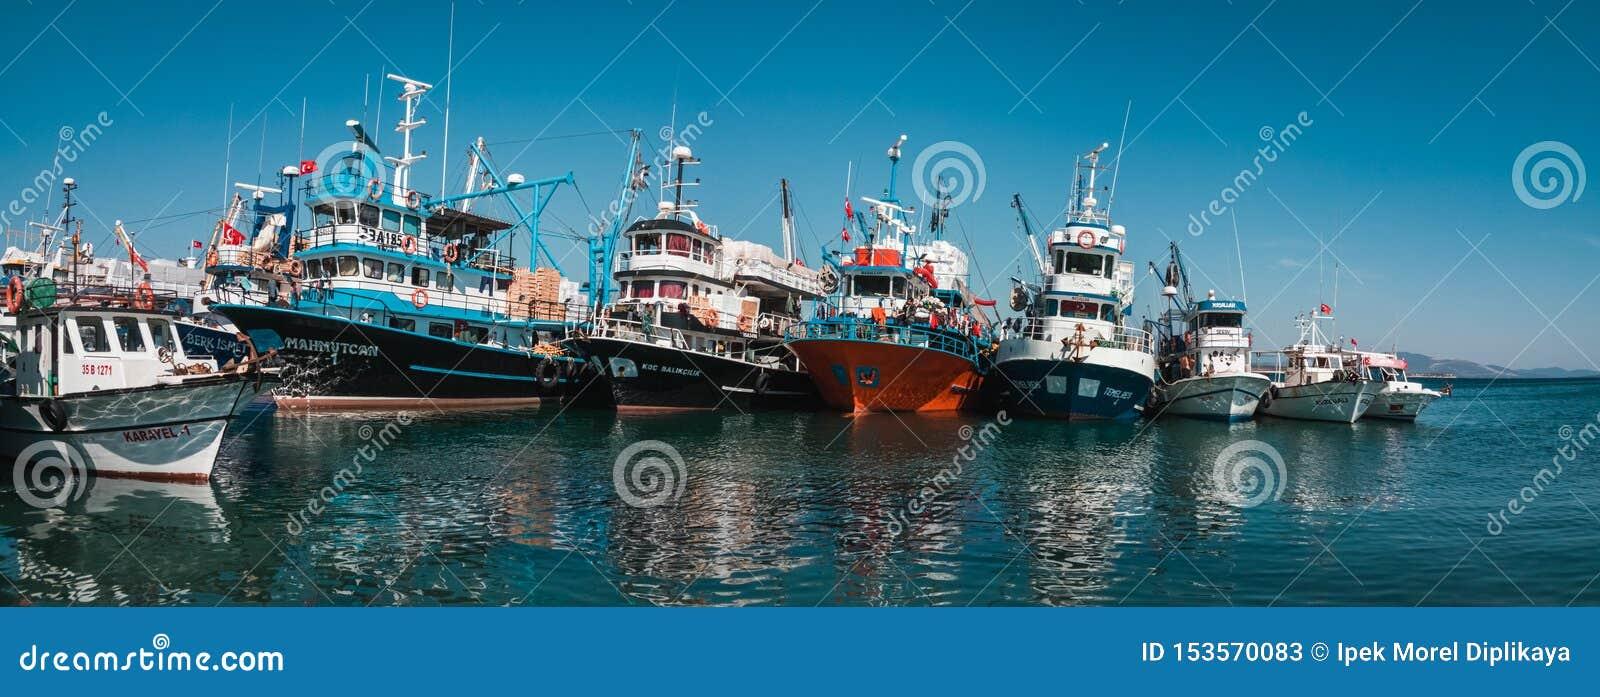 Hafen mit Booten der kommerziellen Fischerei in Didim, die Türkei